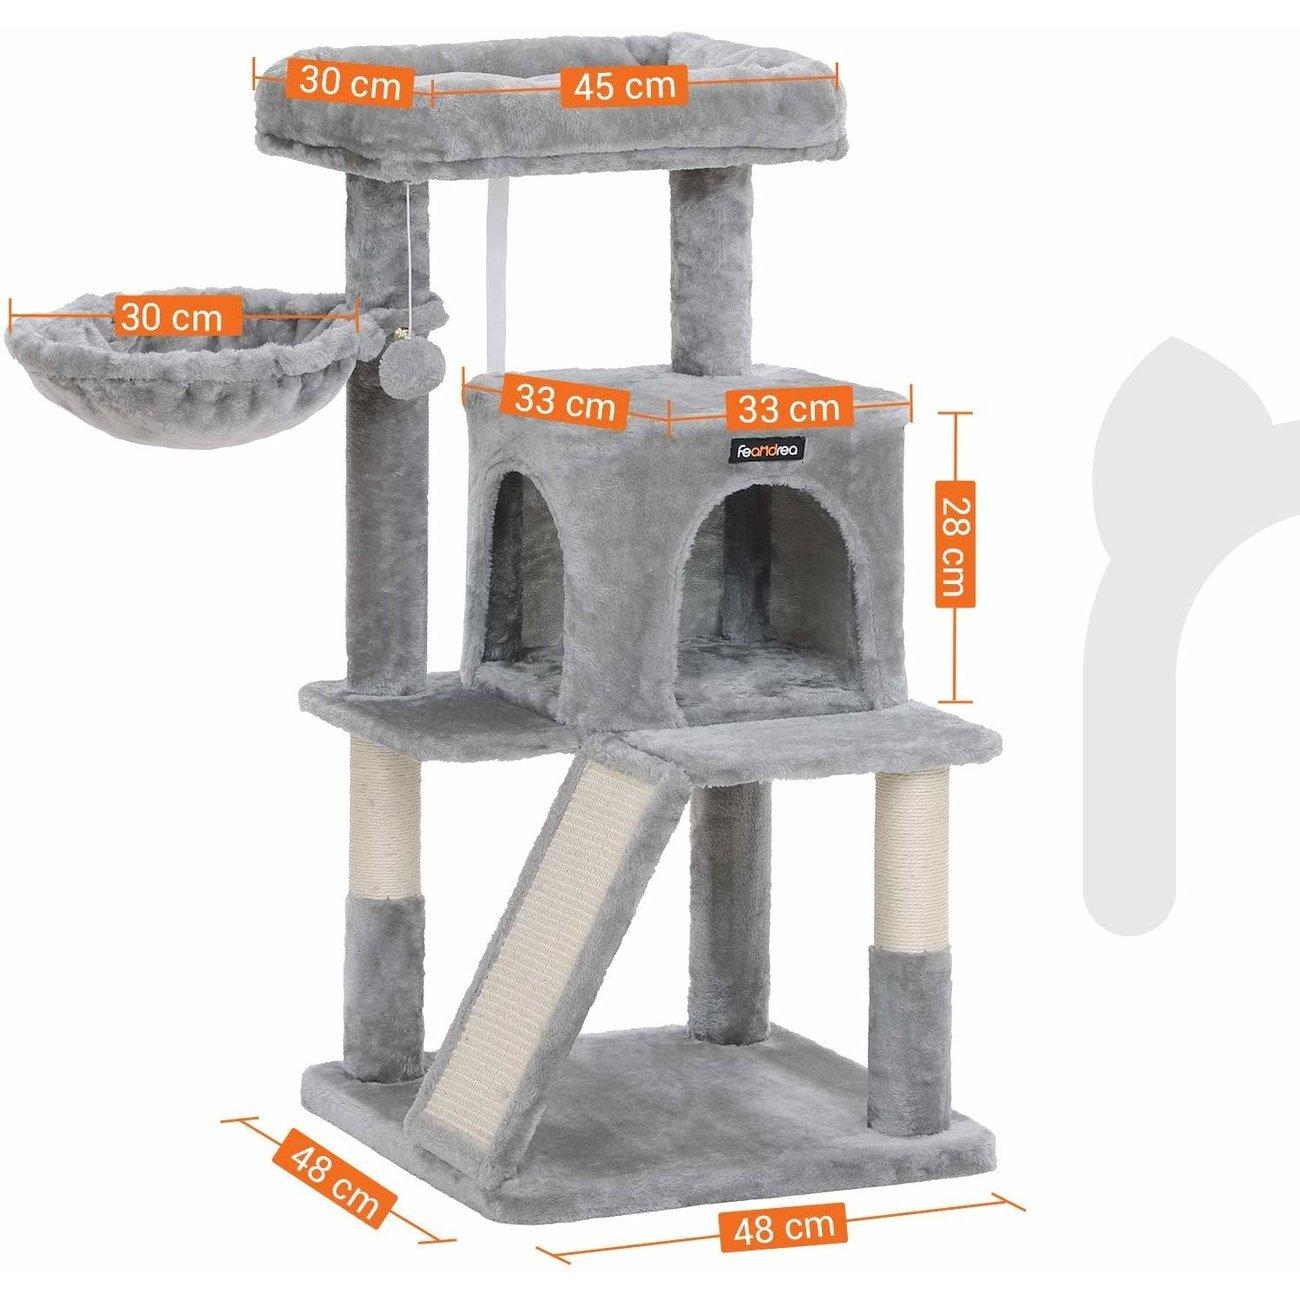 FEANDREA Katzenbaum, Kletterturm für Katzen mittel, Bild 6